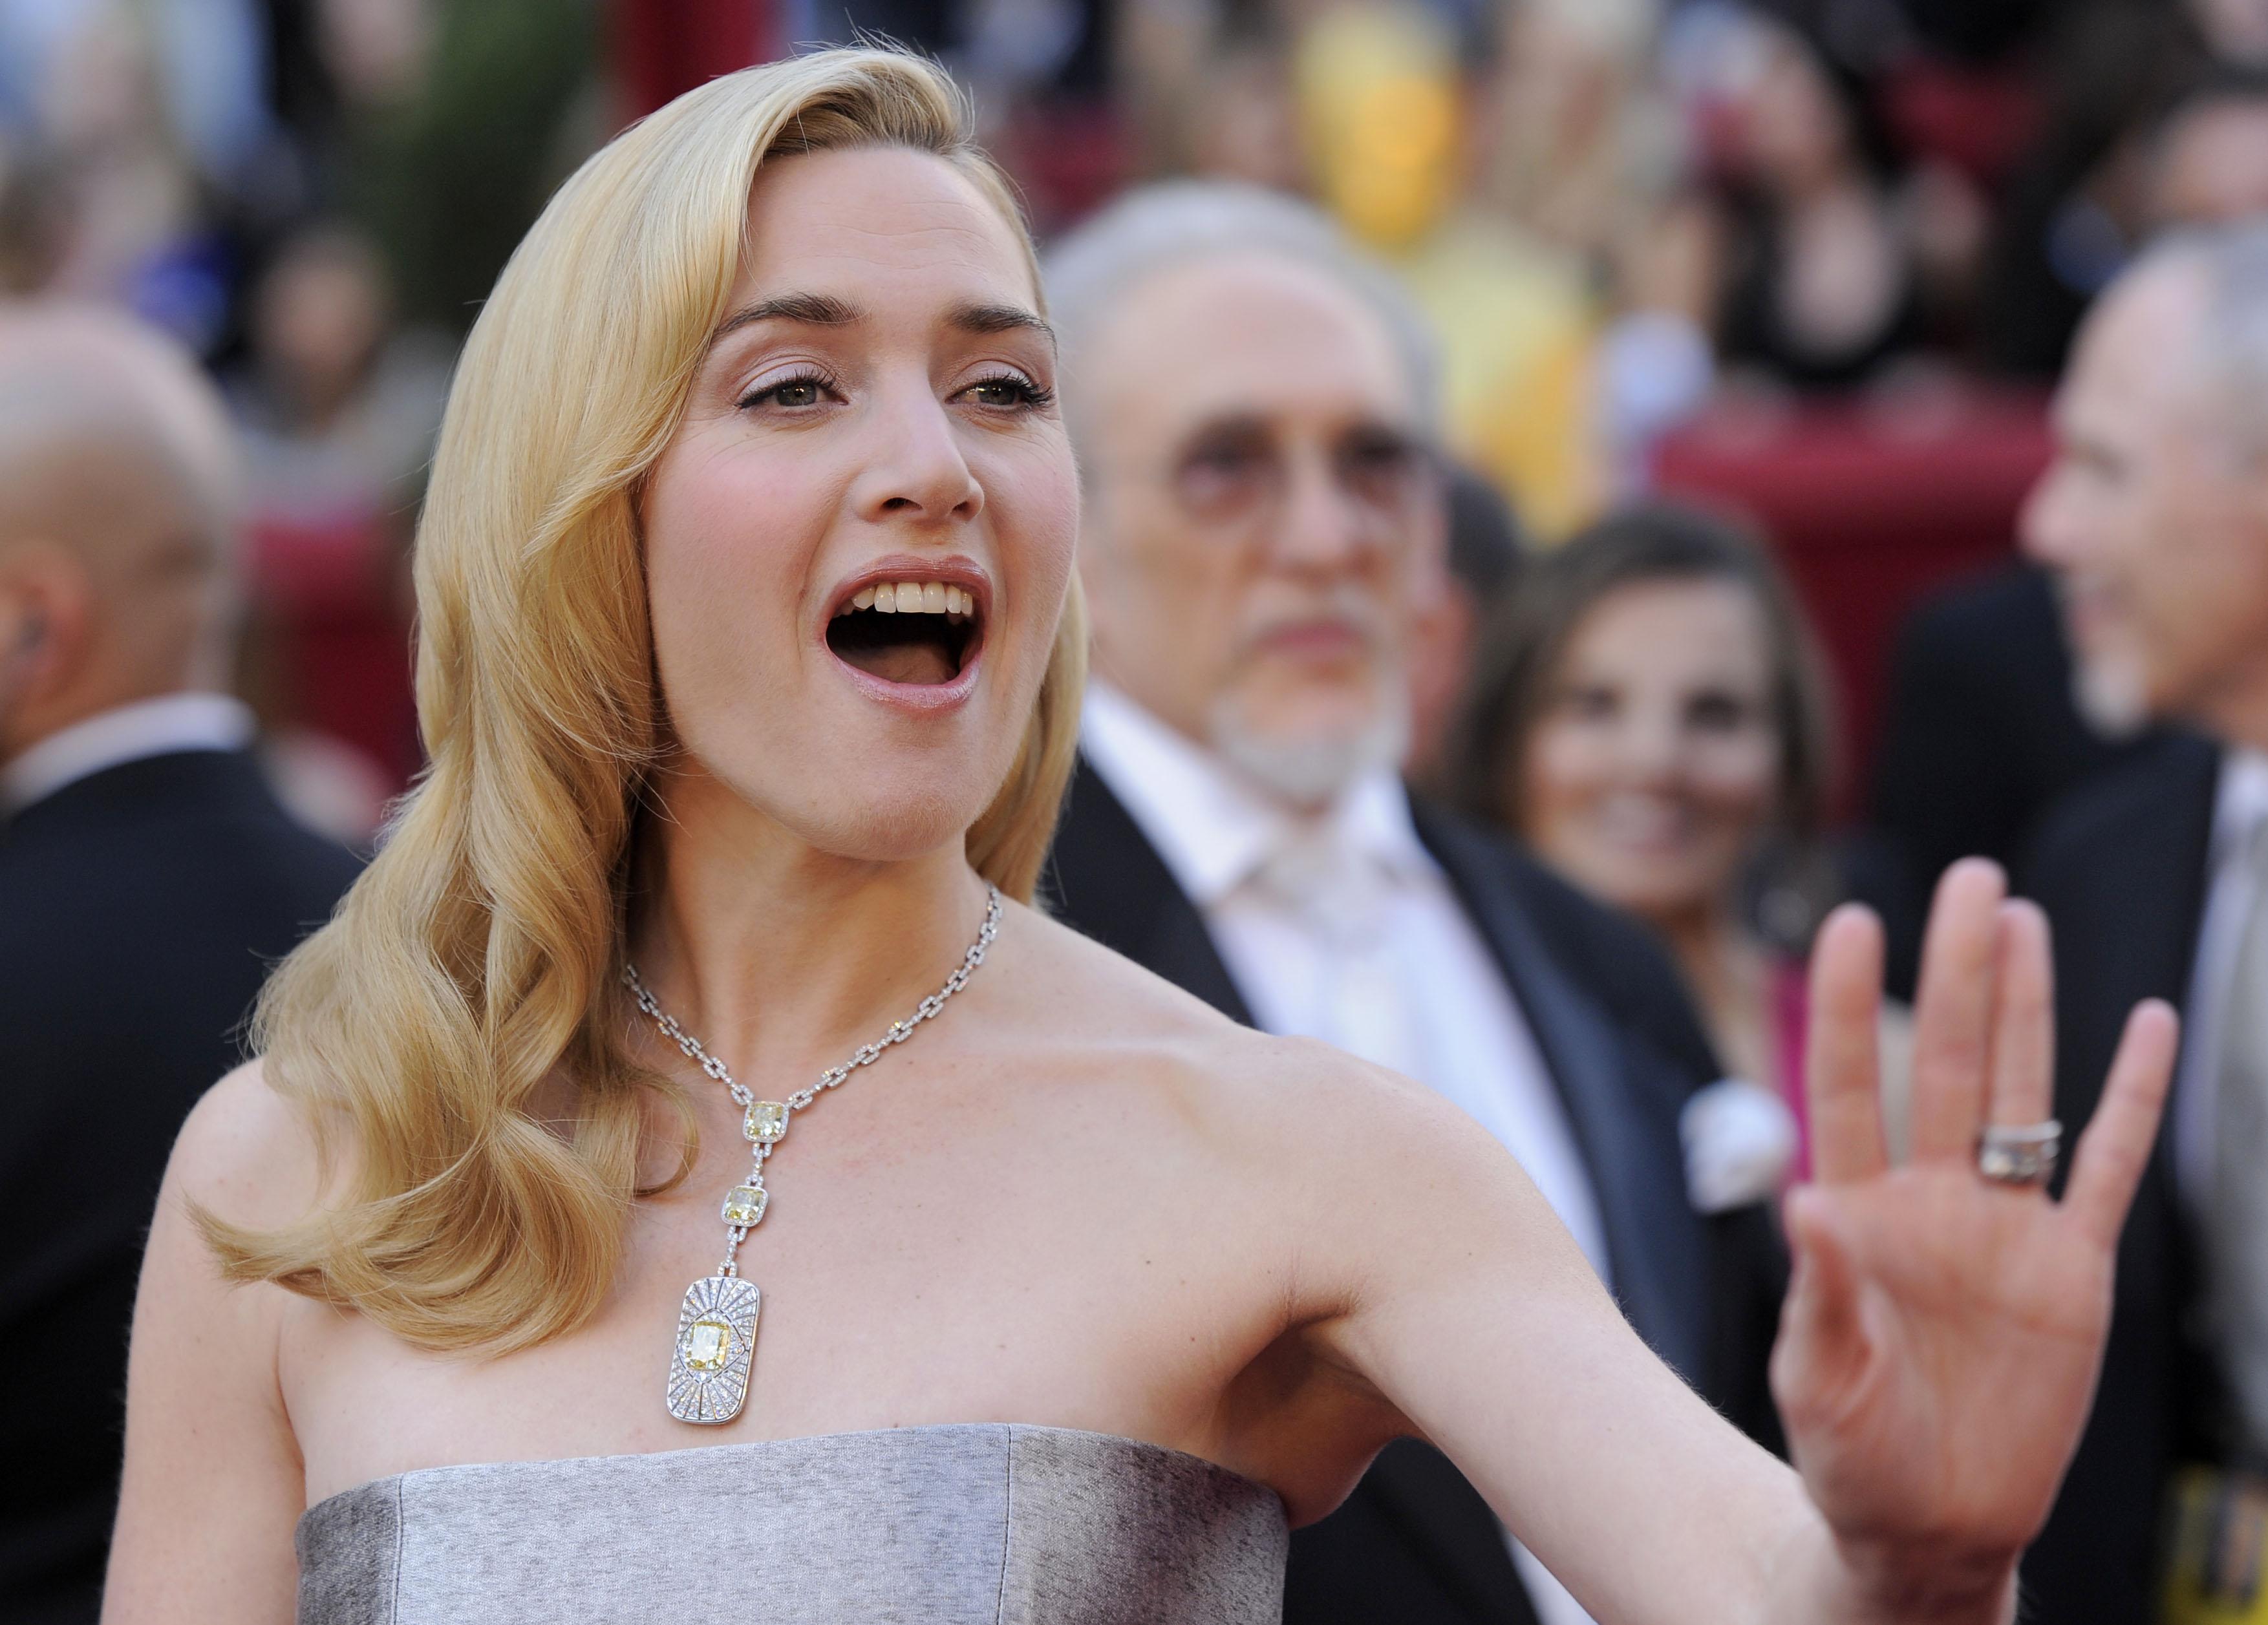 Celebridades usam joias milionárias Tiffany